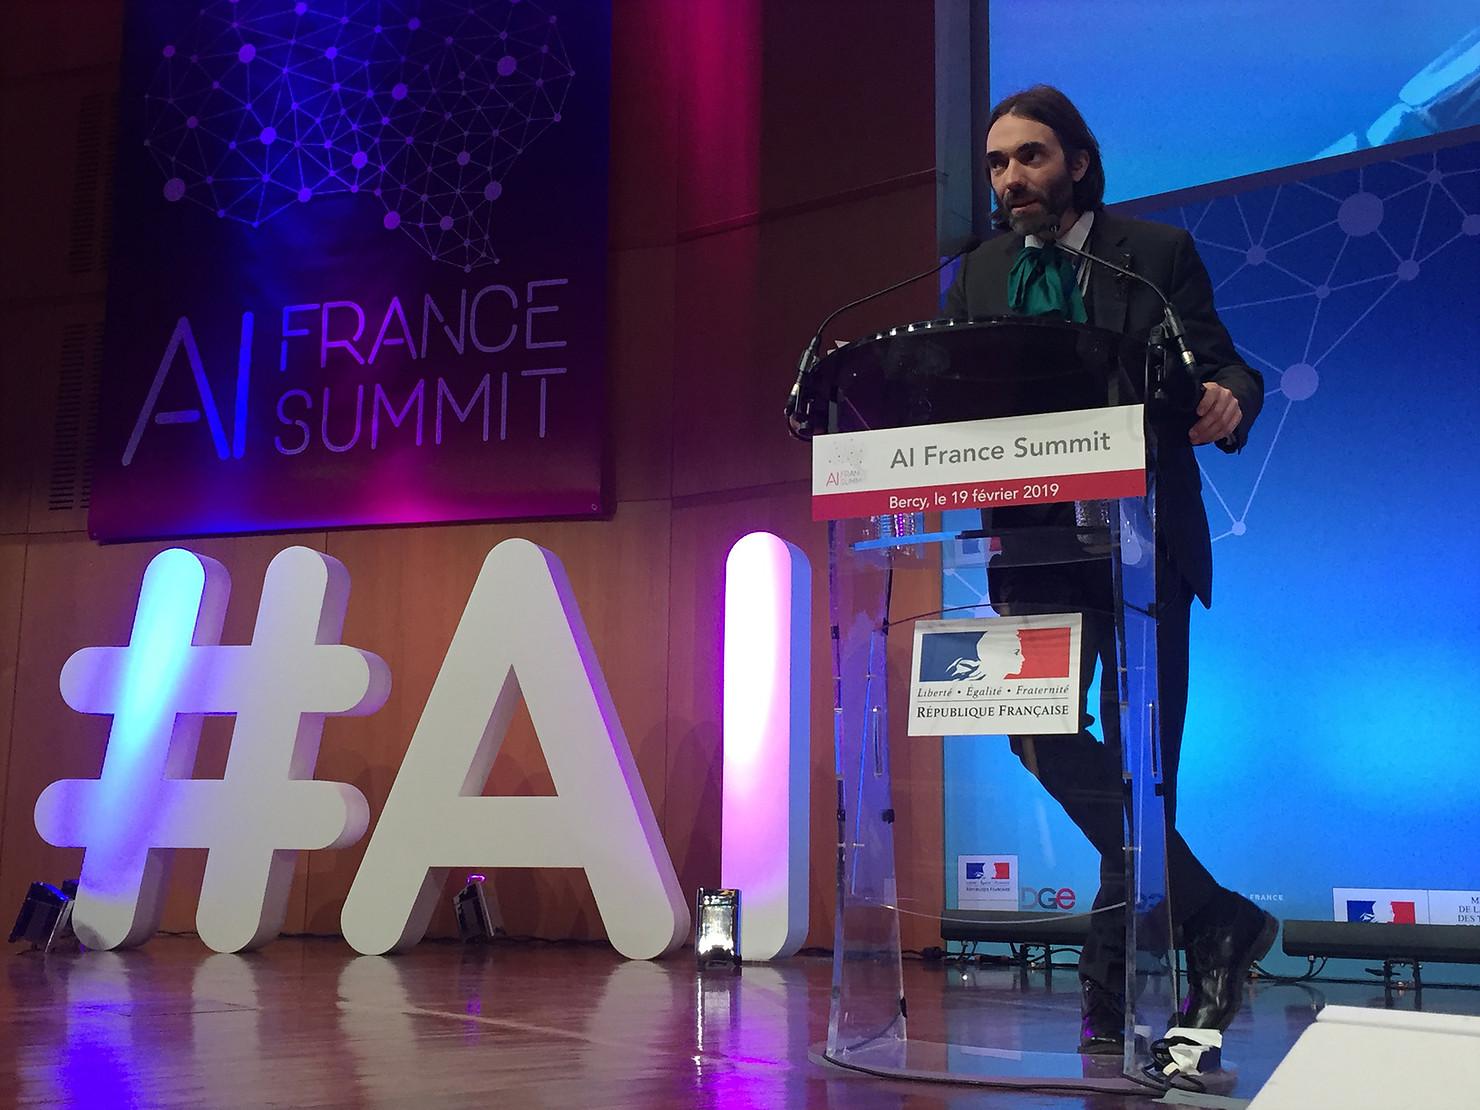 Cédric Villani, député et chercheur spécialiste en IA connait parfaitement l'écosystème de l'AI France Summit et de l'intelligence artificielle